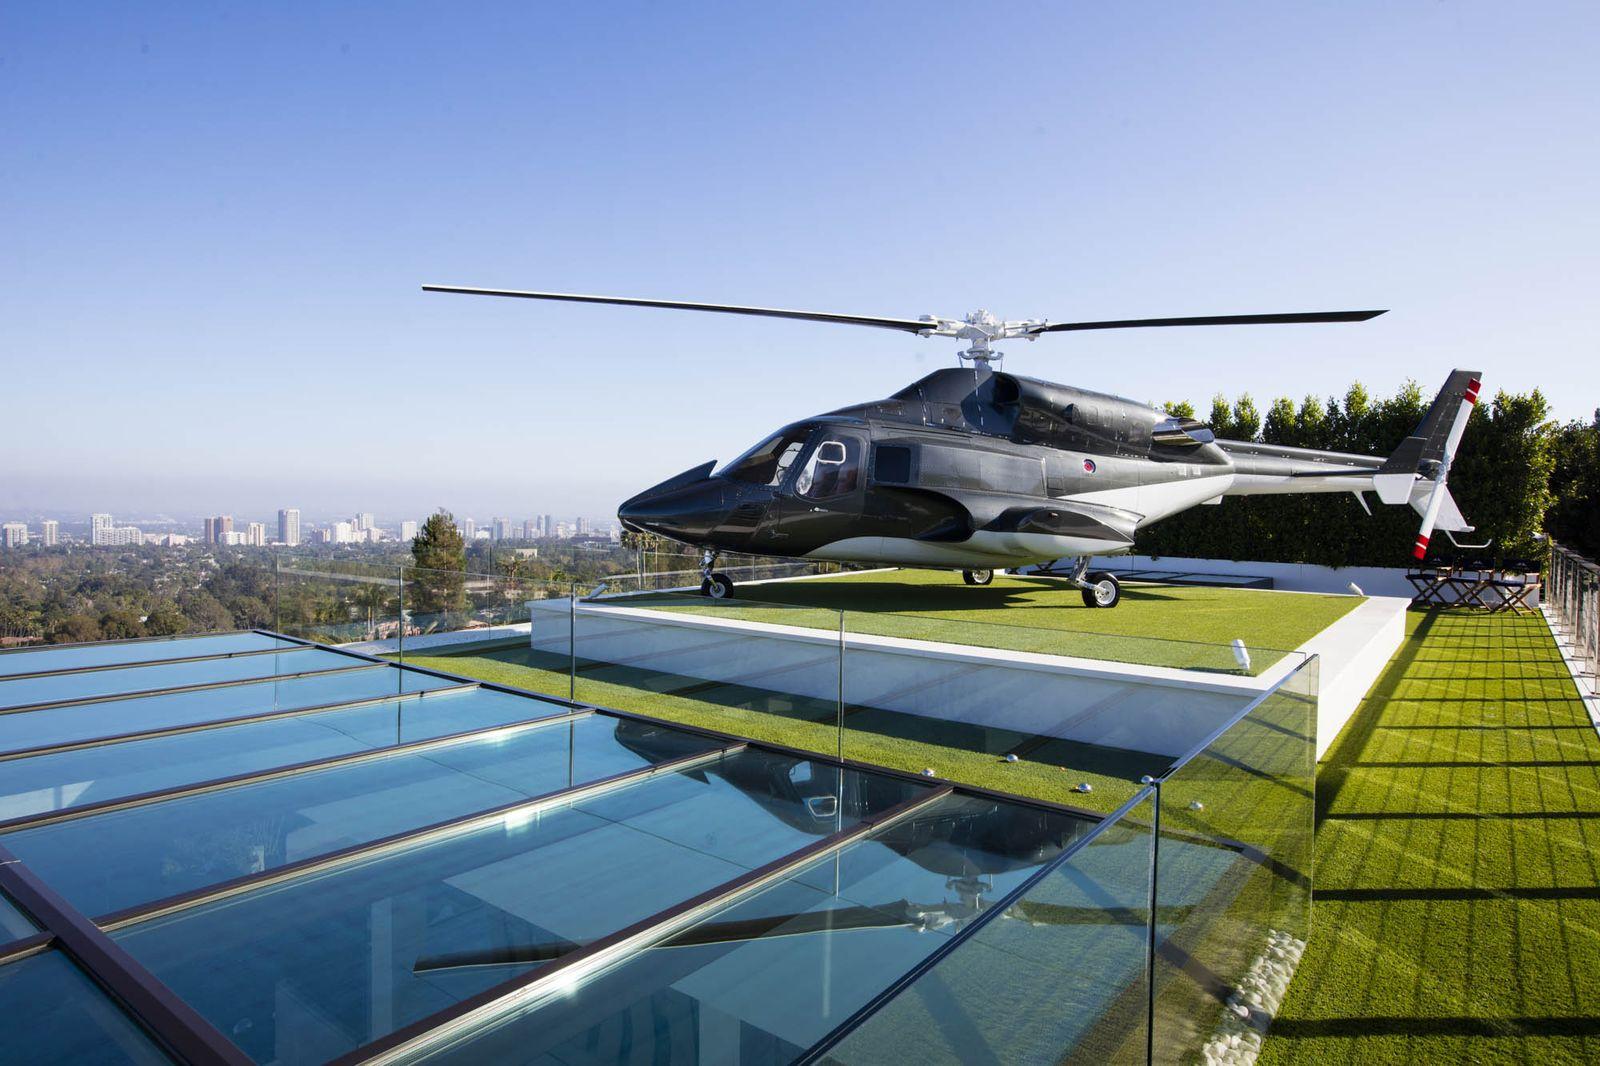 Bruce Makowsky's Helicopter